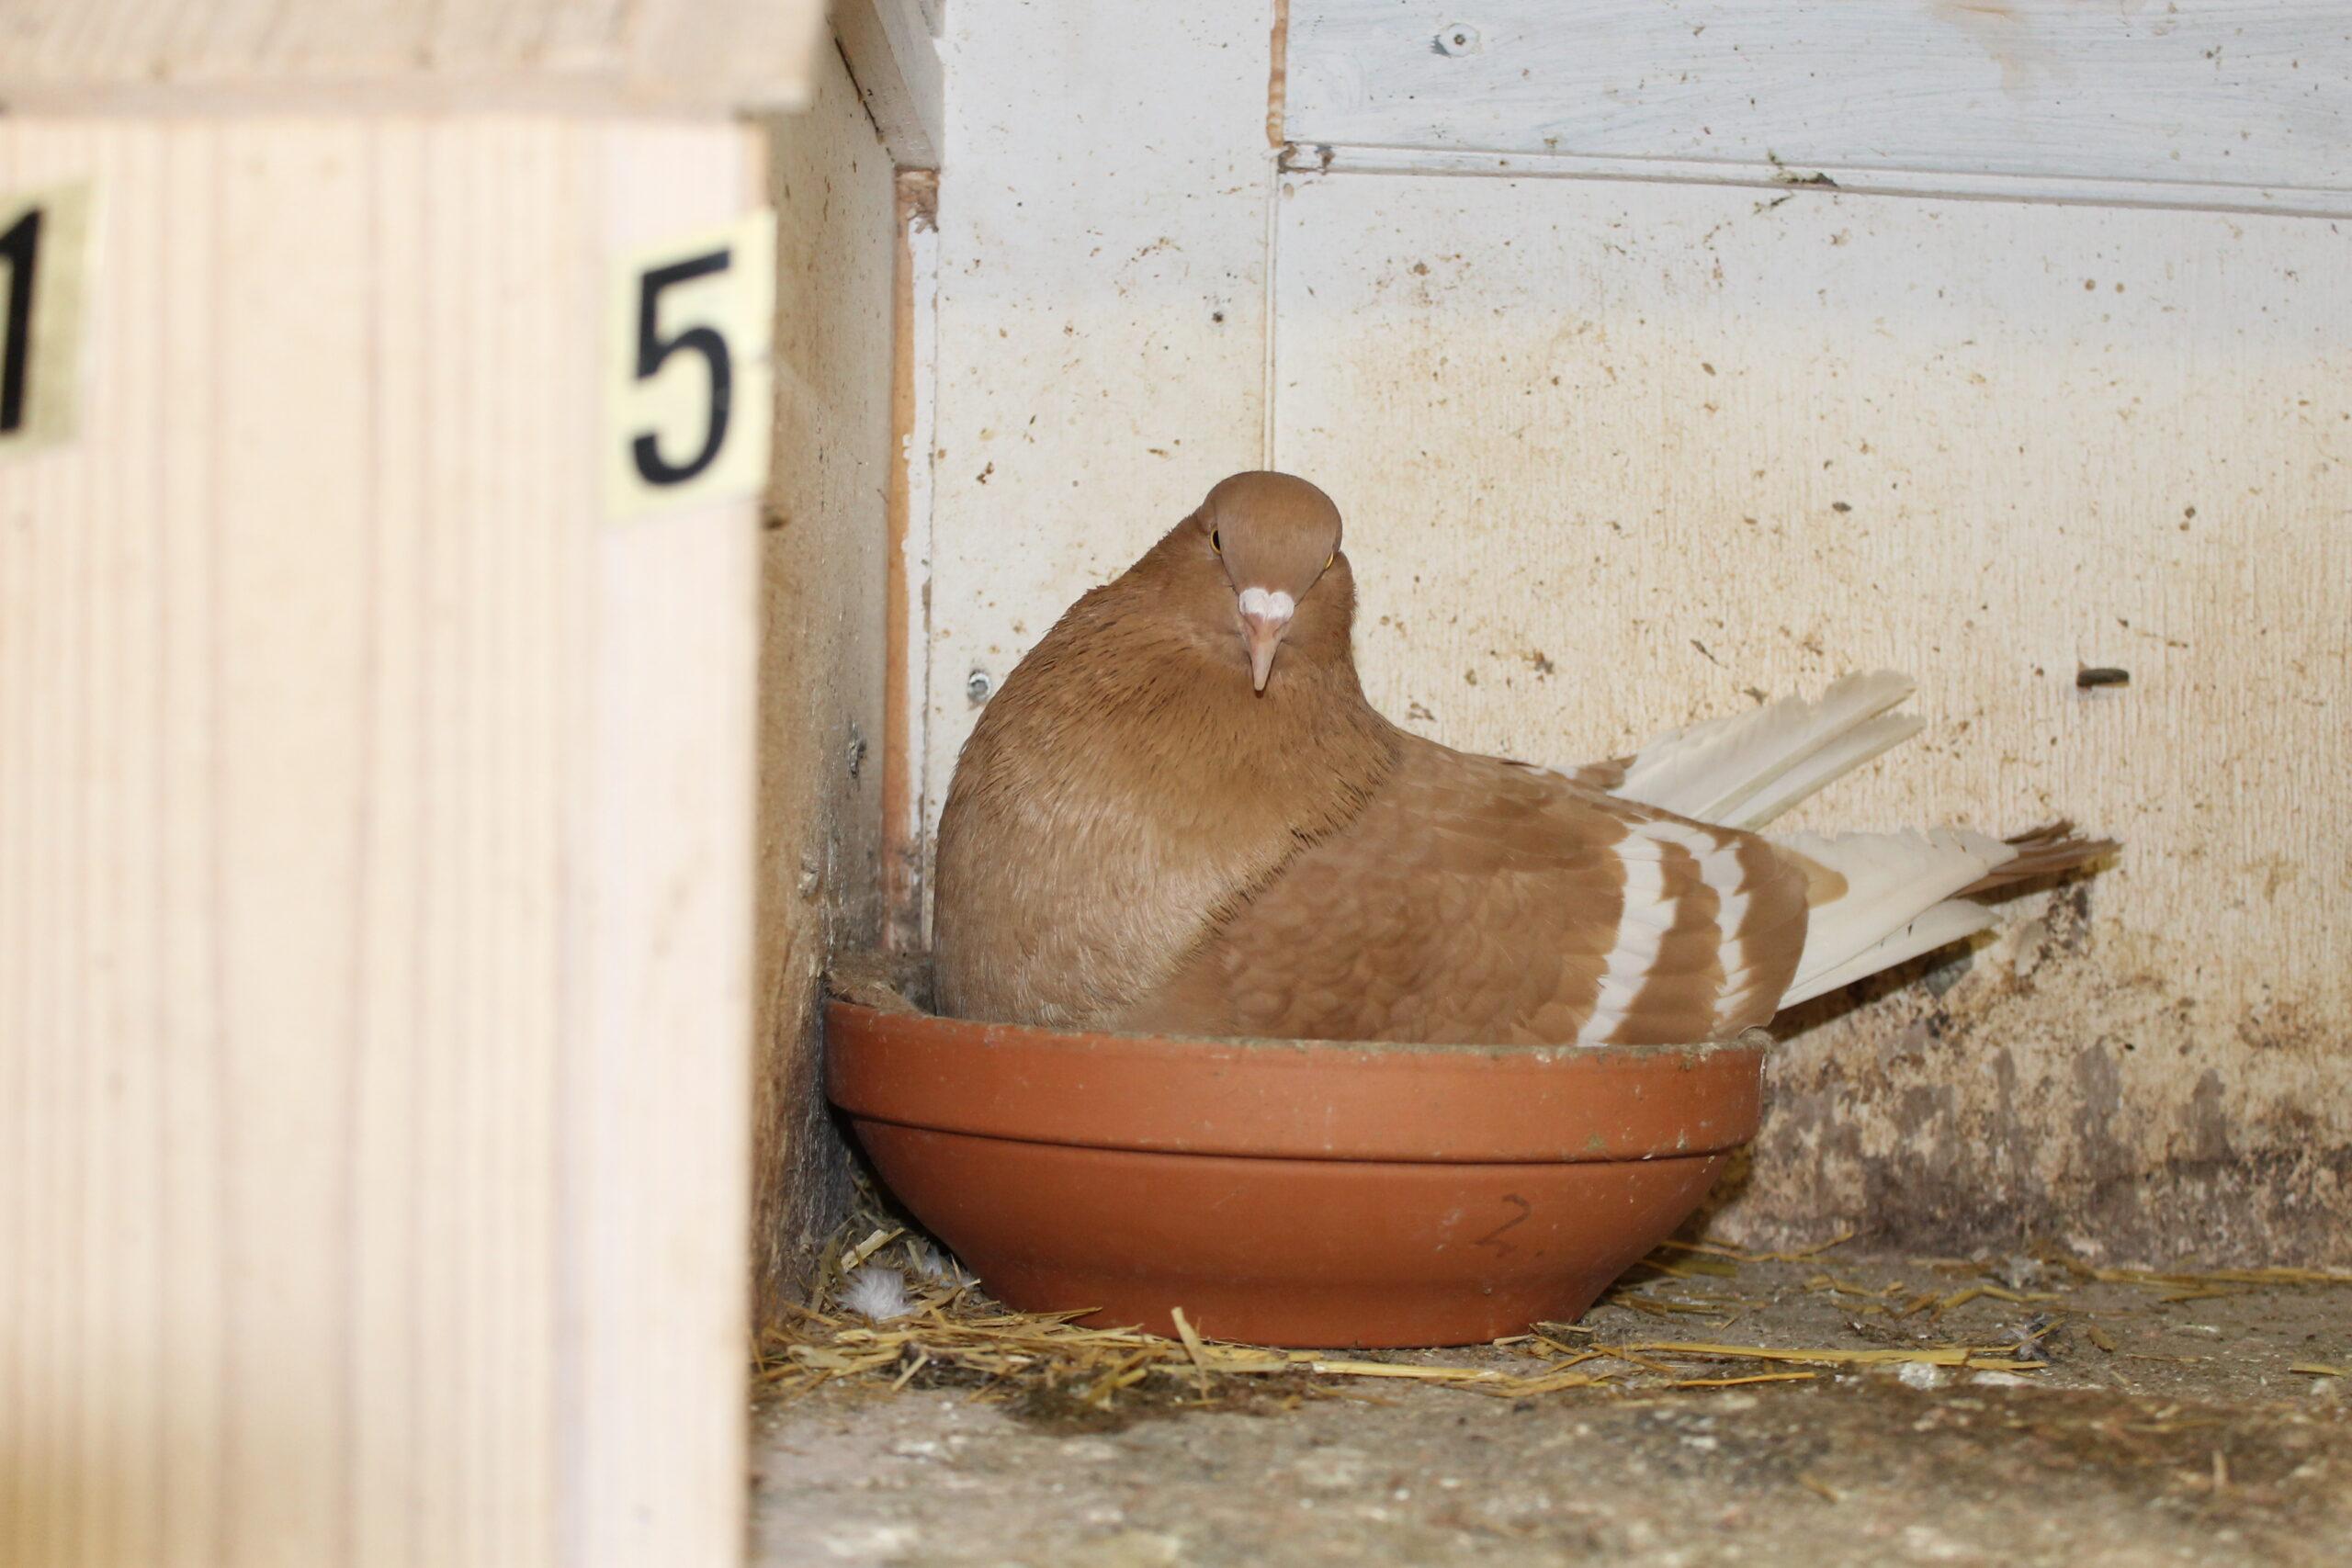 CB Rød due